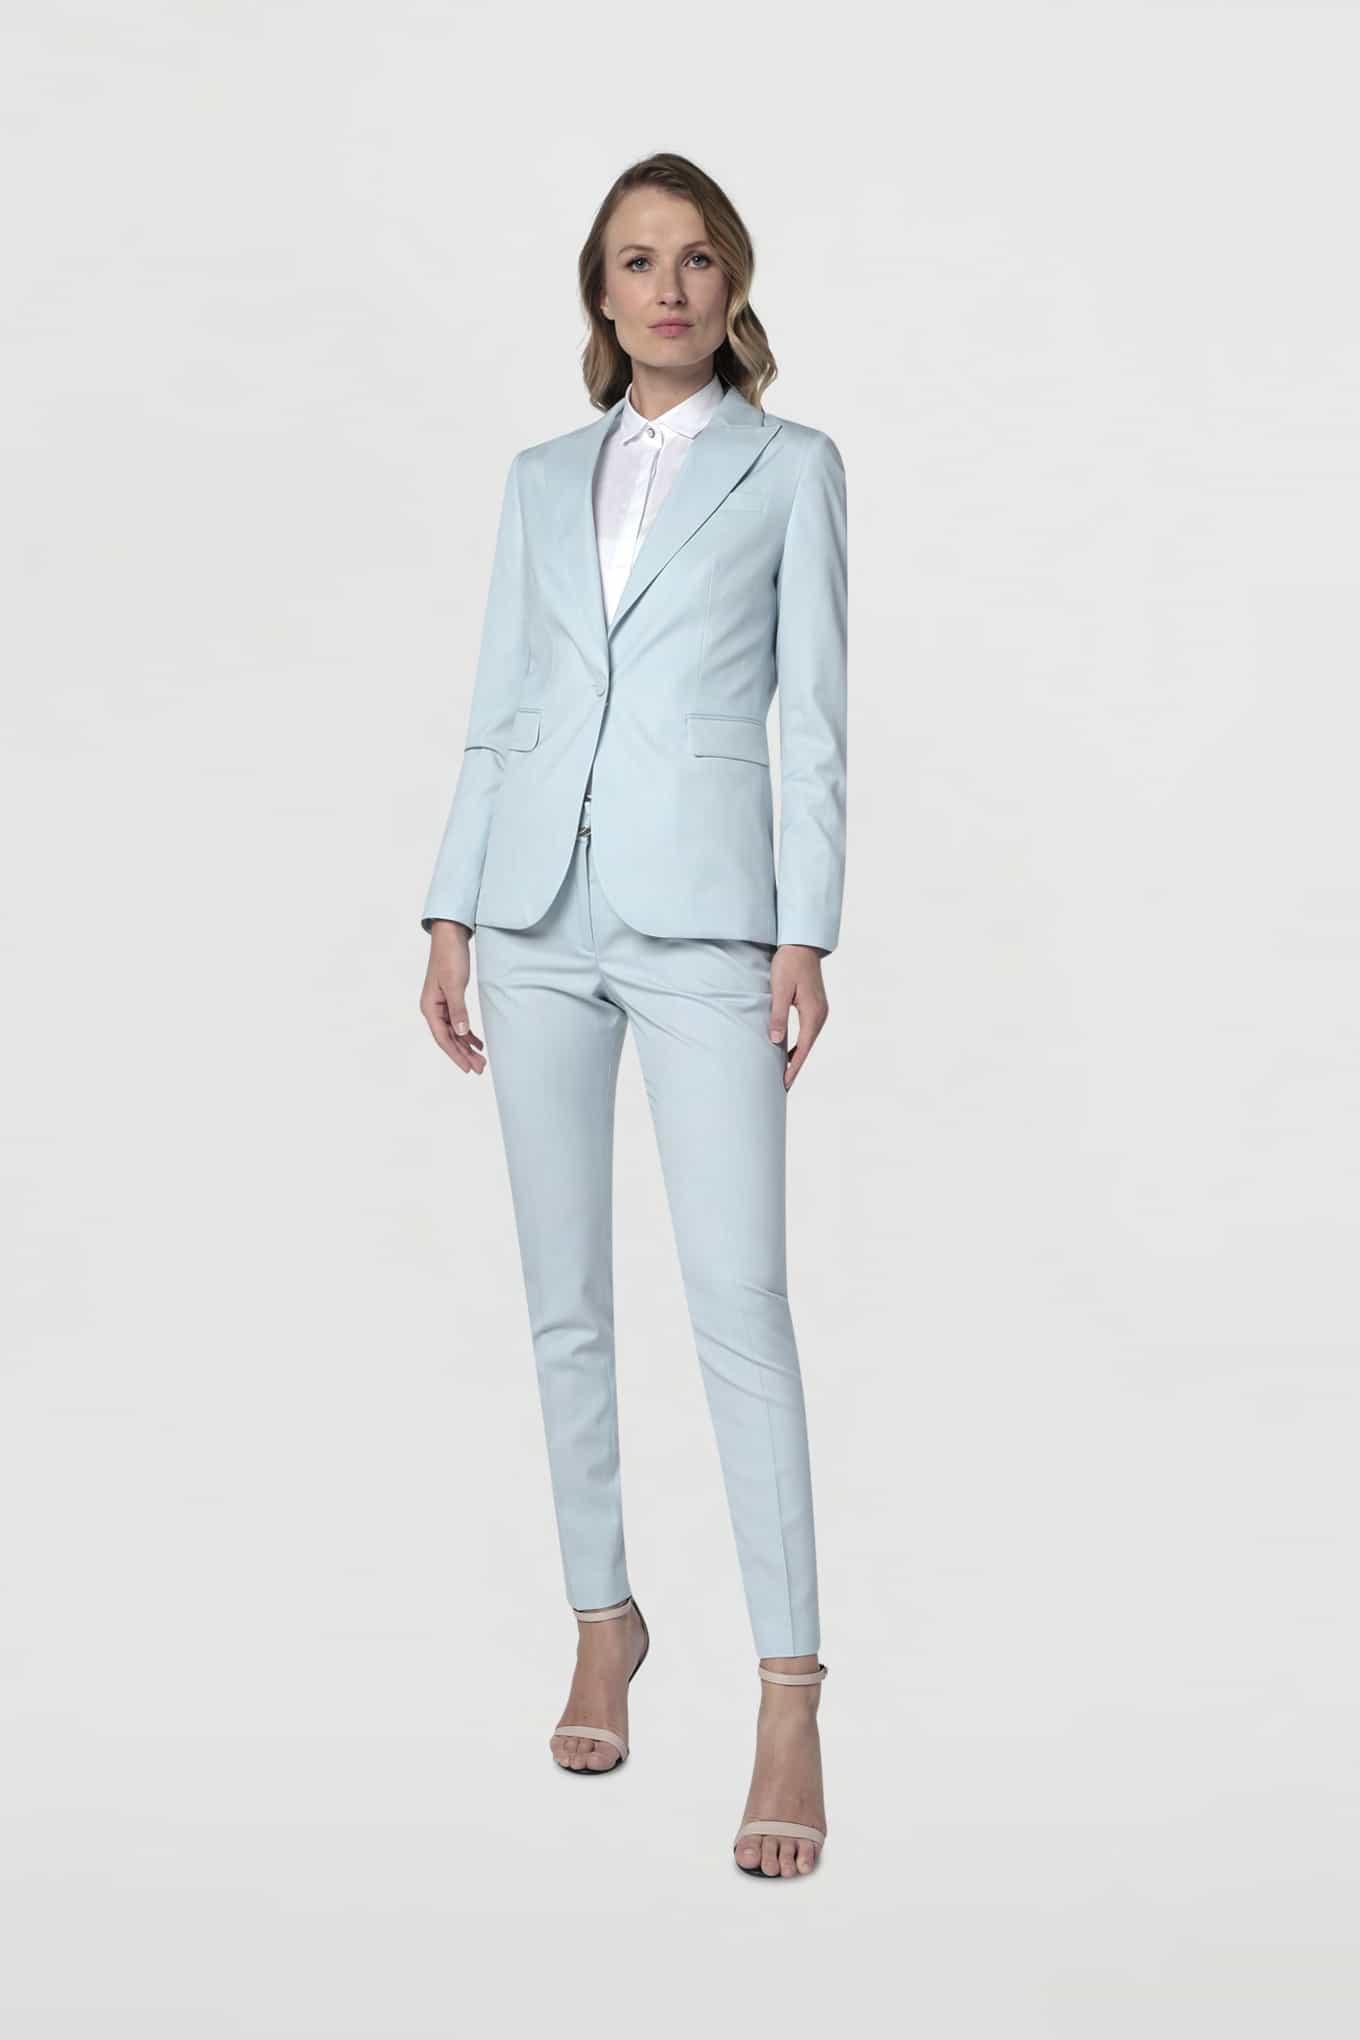 Suit Light Blue Classic Woman